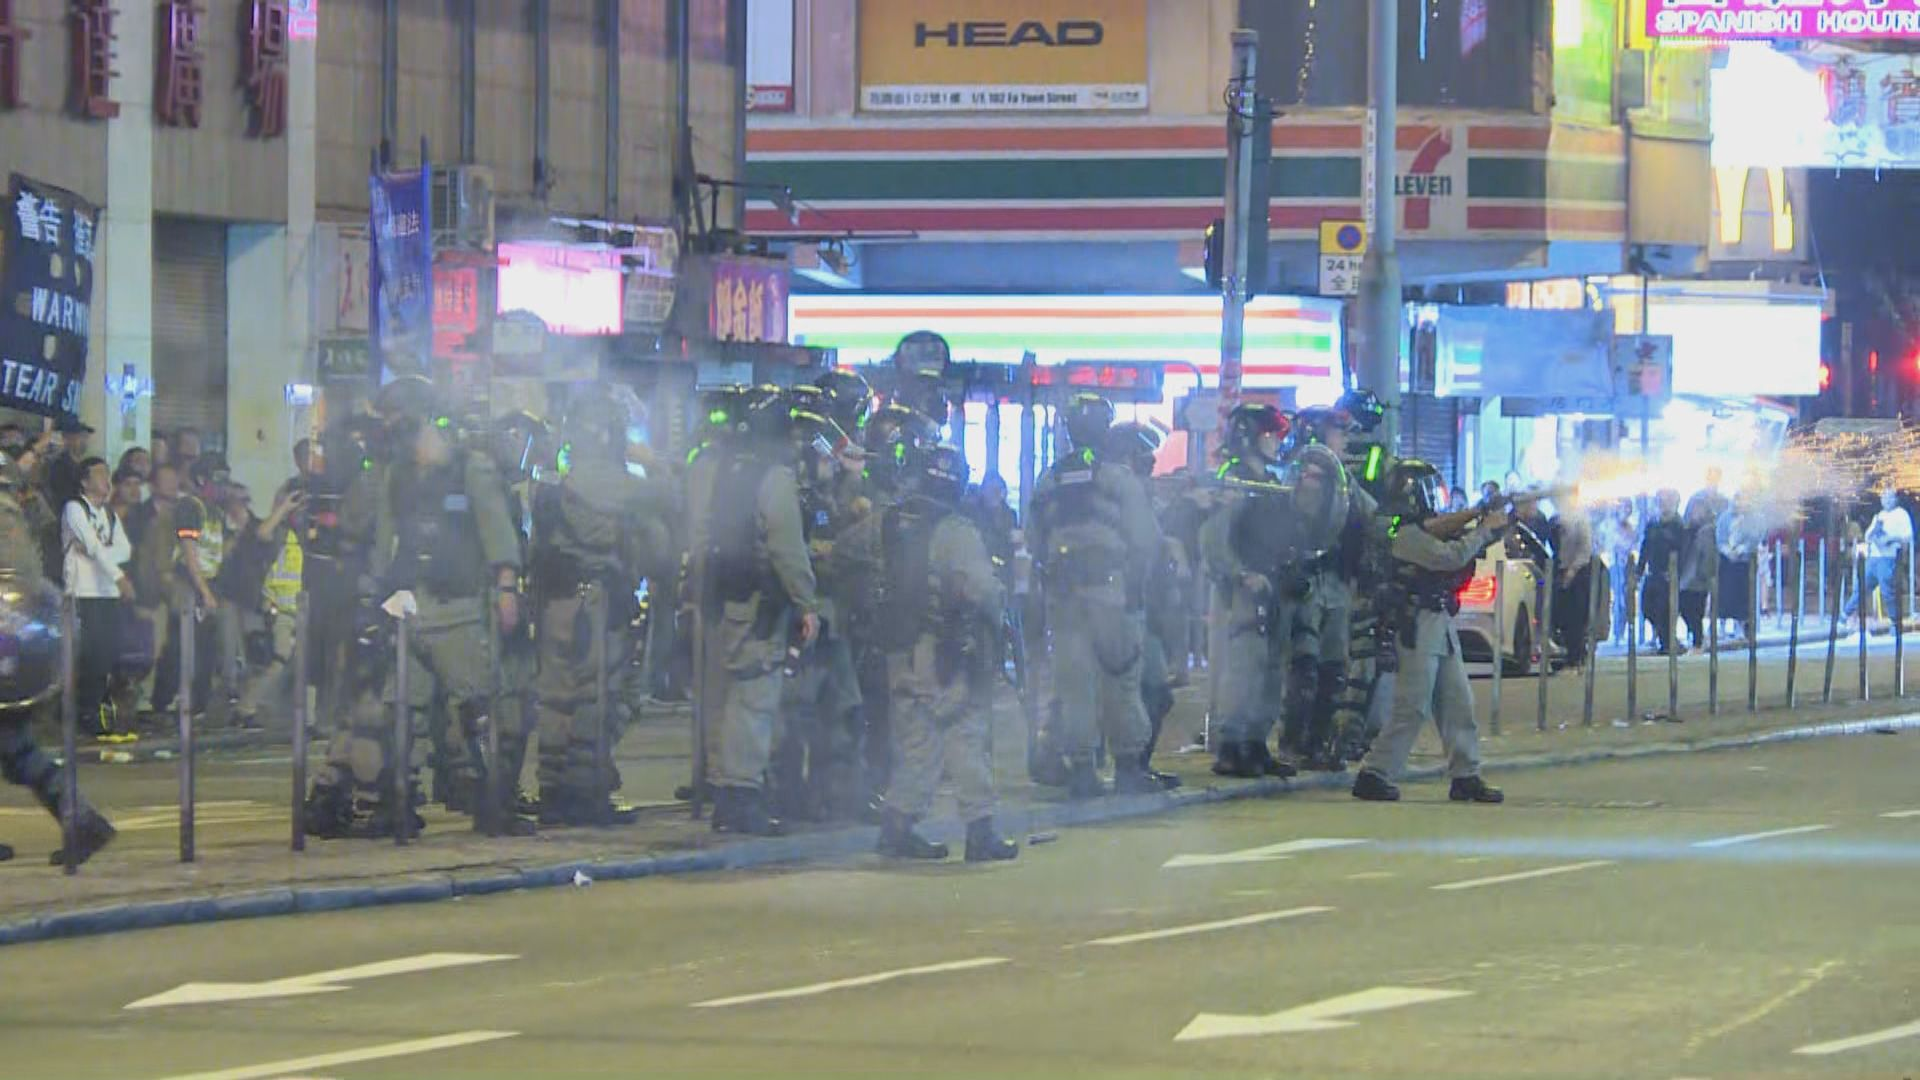 警方旺角施放催淚彈驅散帶走十多人